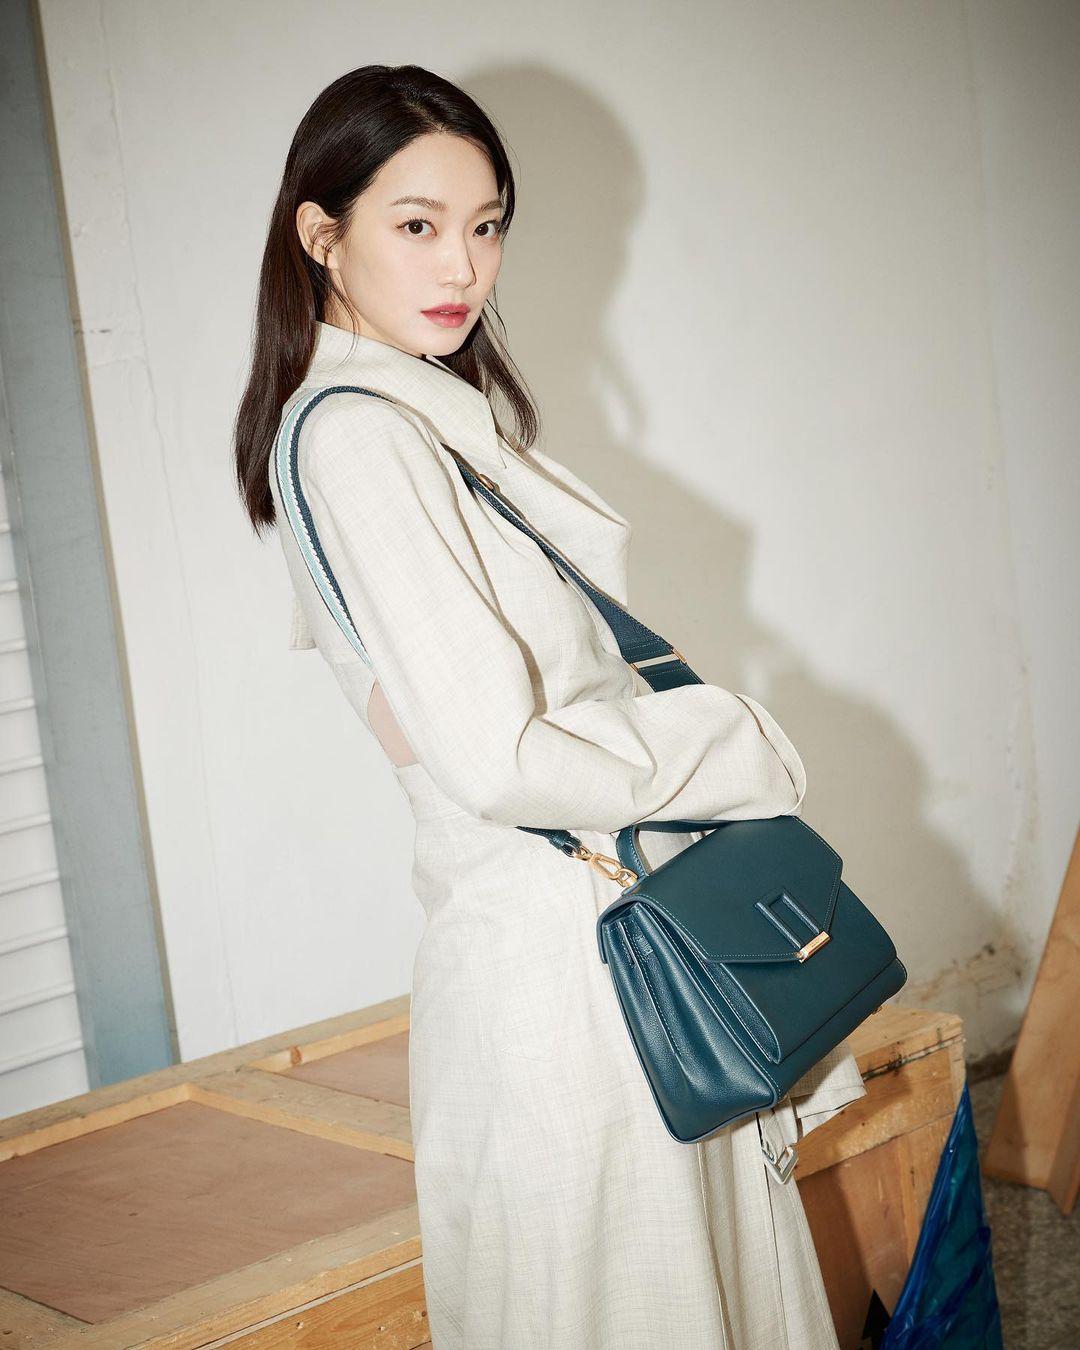 11 Aktris Korea Yang Semakin Bersinar, Padahal Dulunya Model 10